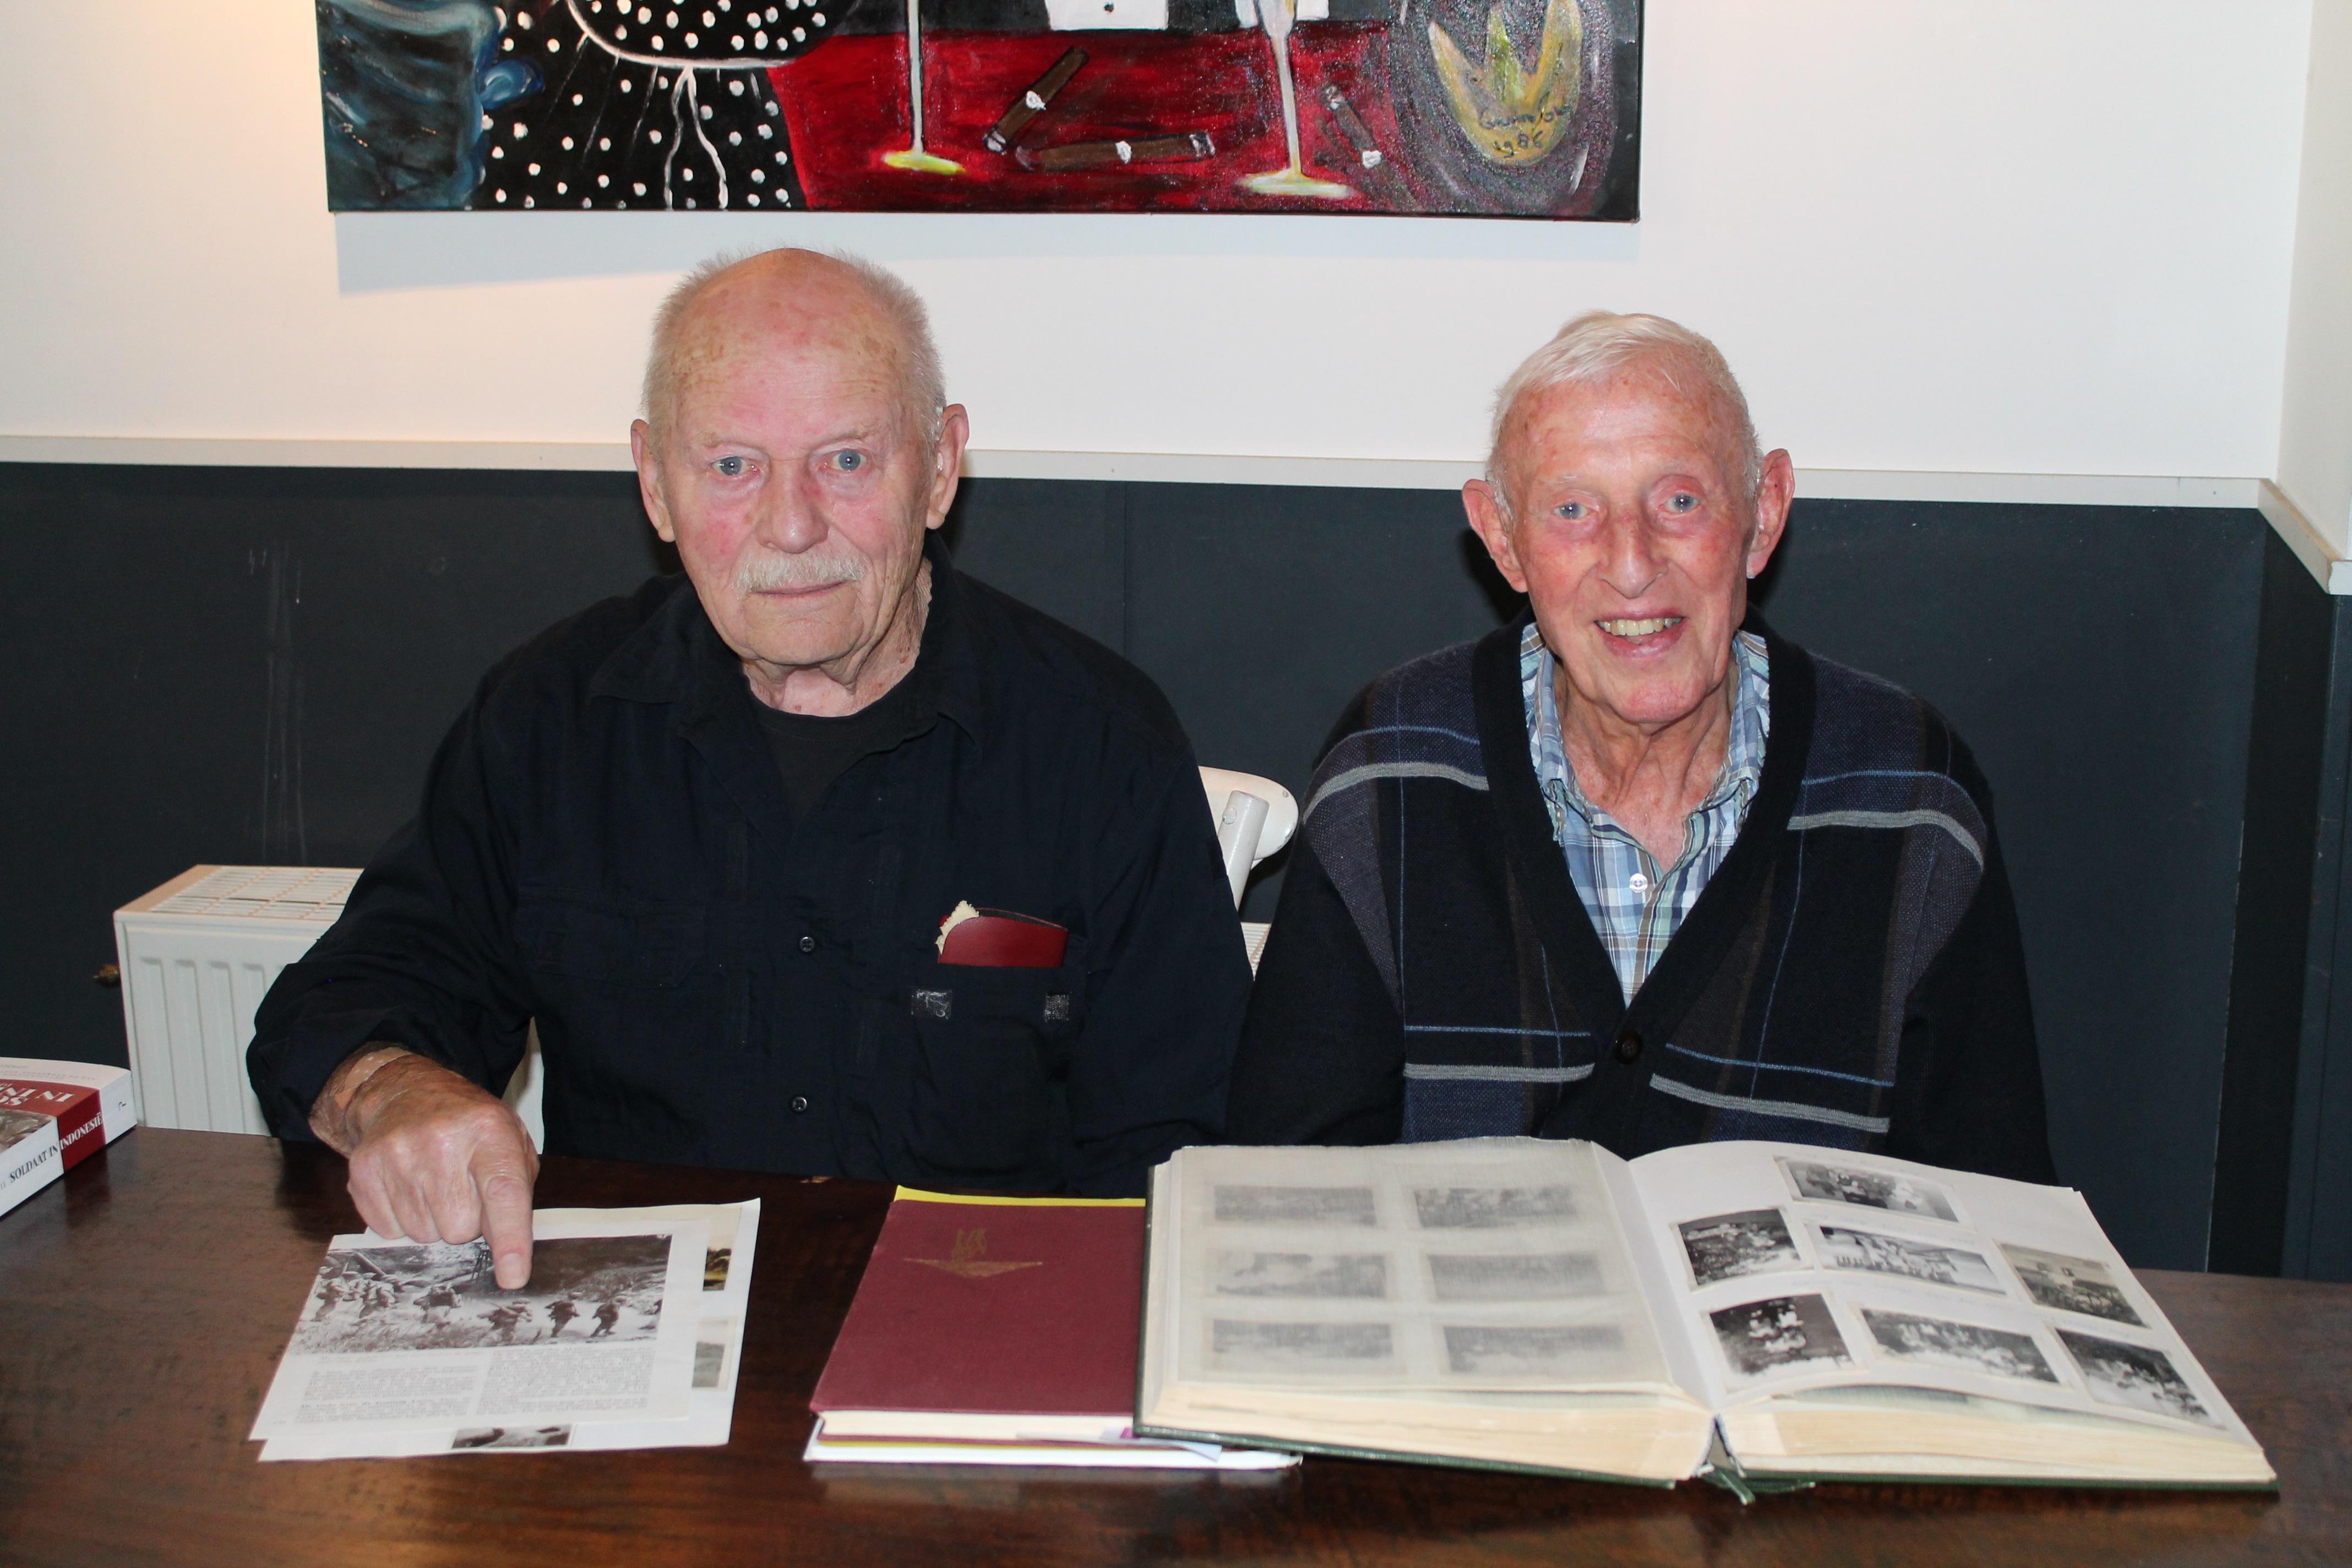 De heer Veldhoen en heer Stiemer laten foto's zien van vroeger. (Foto: Rodi Media/SZ)